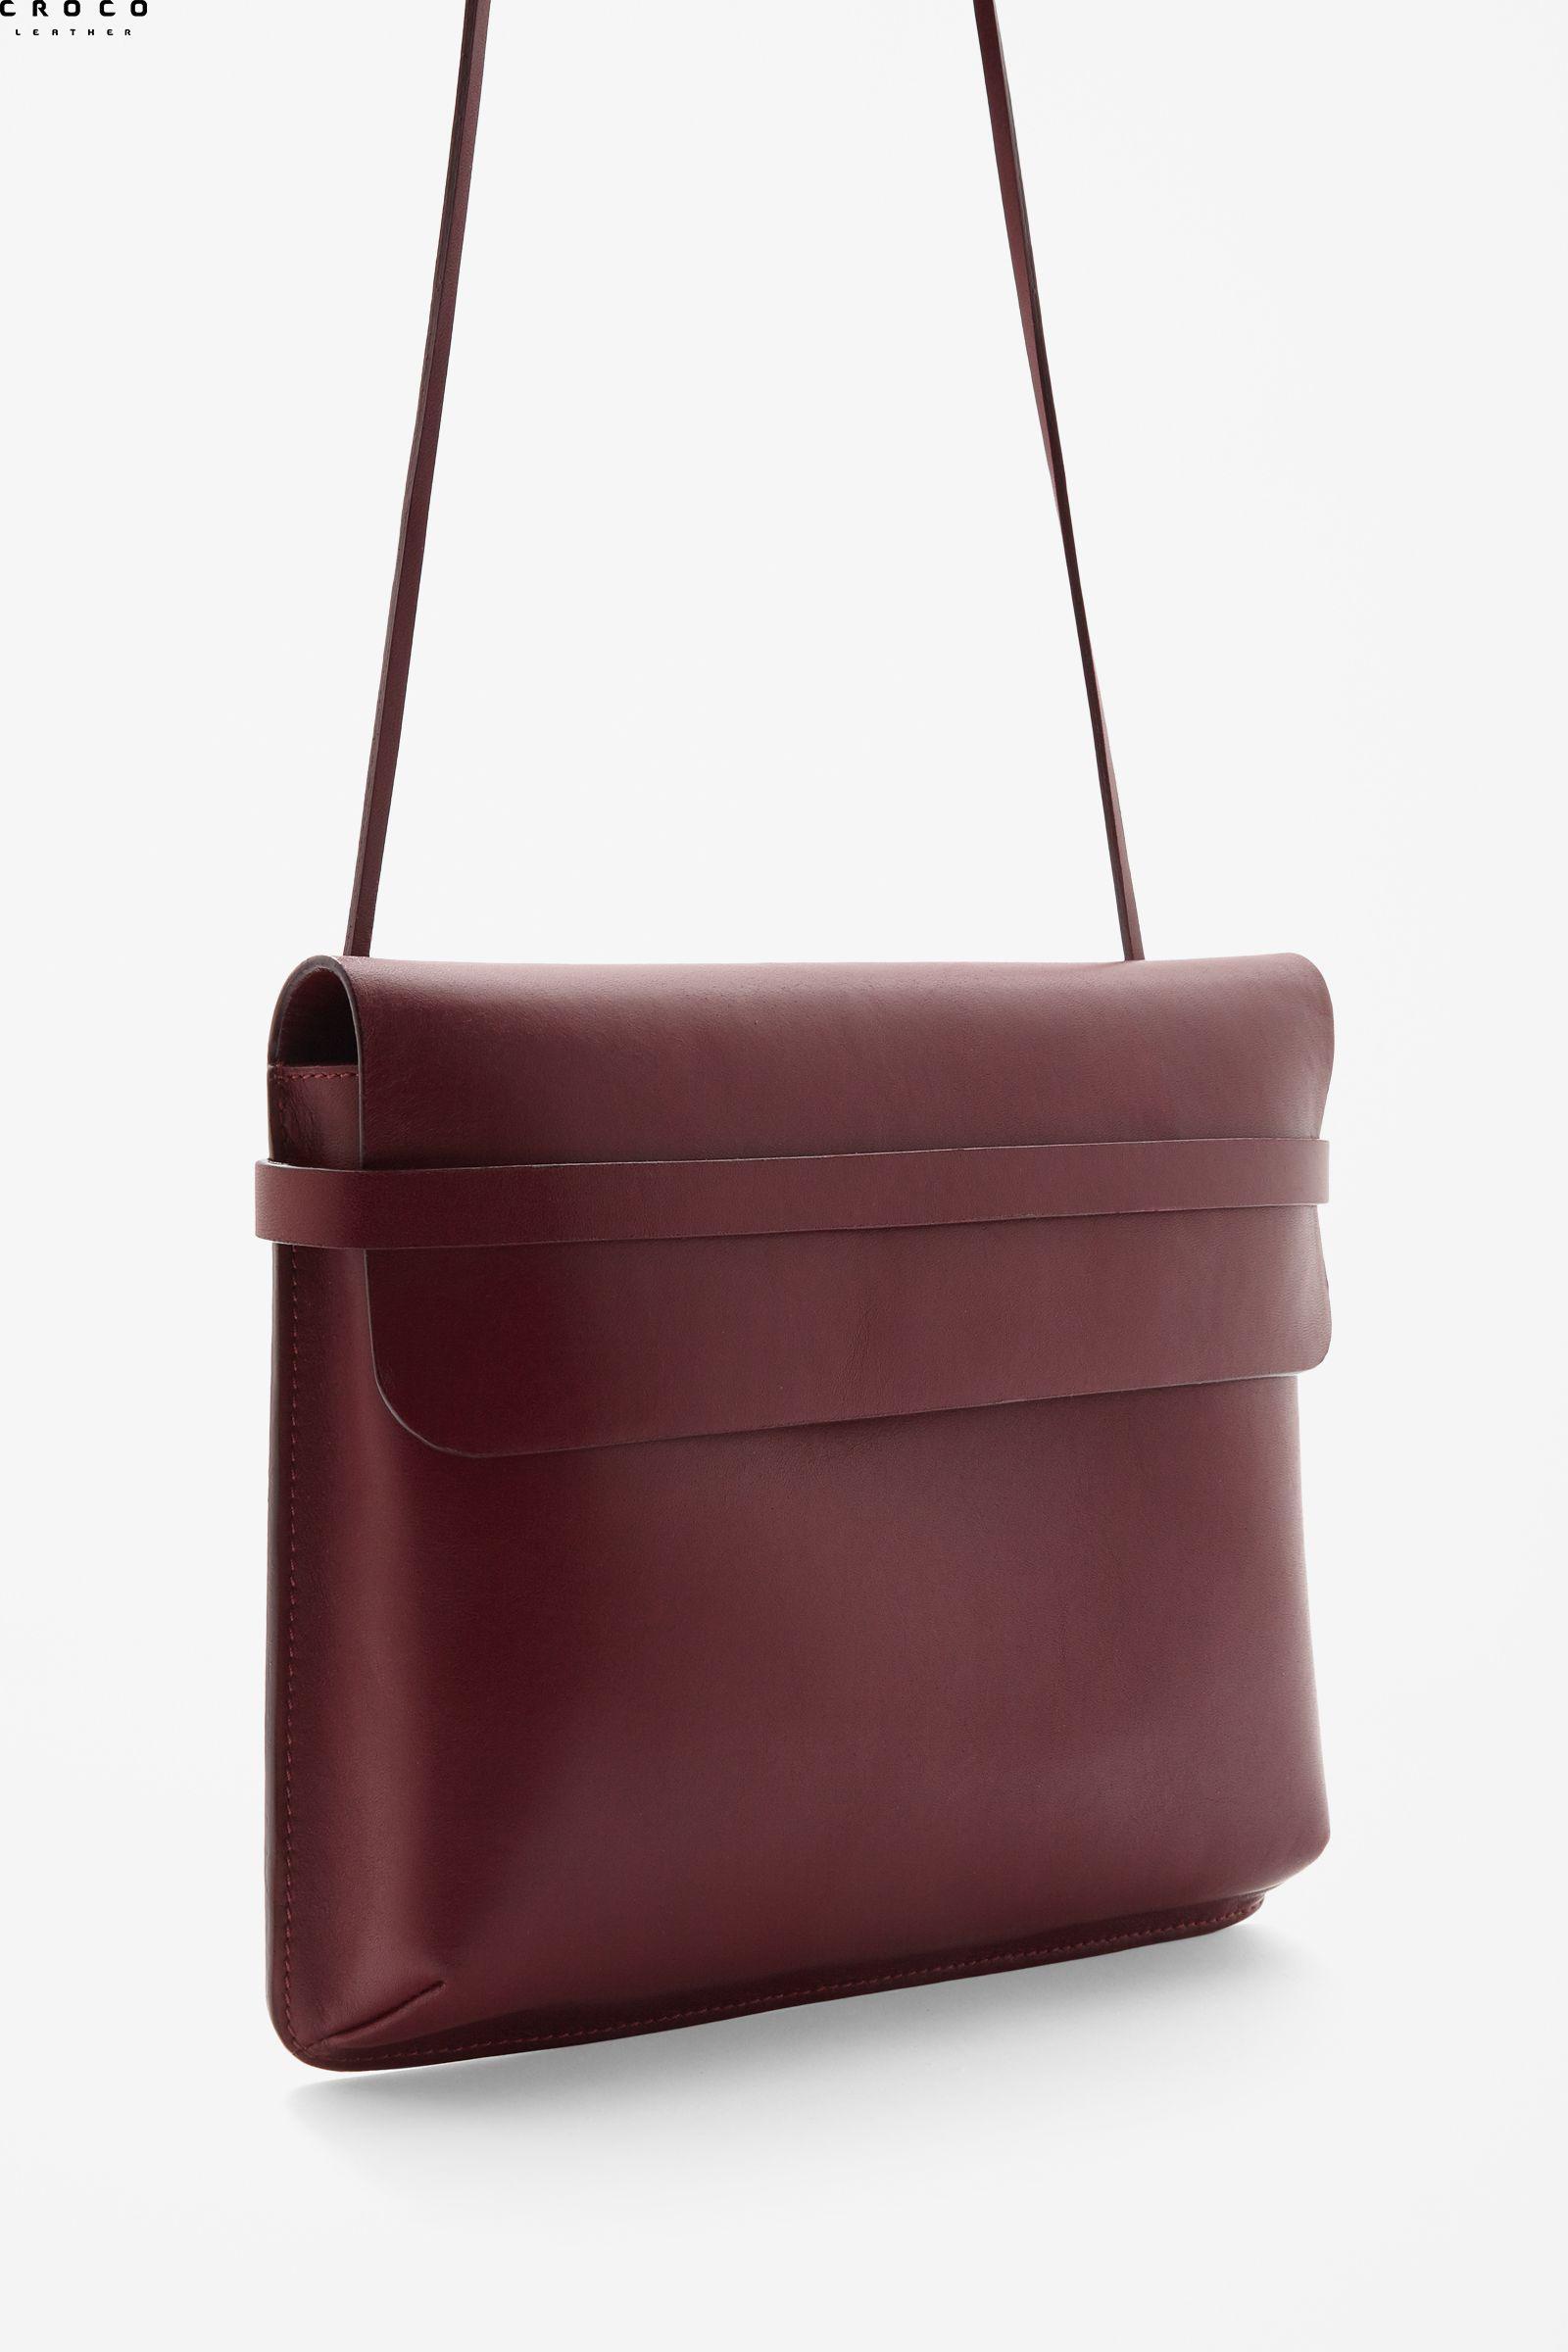 جدیدترین کیف های رسمی